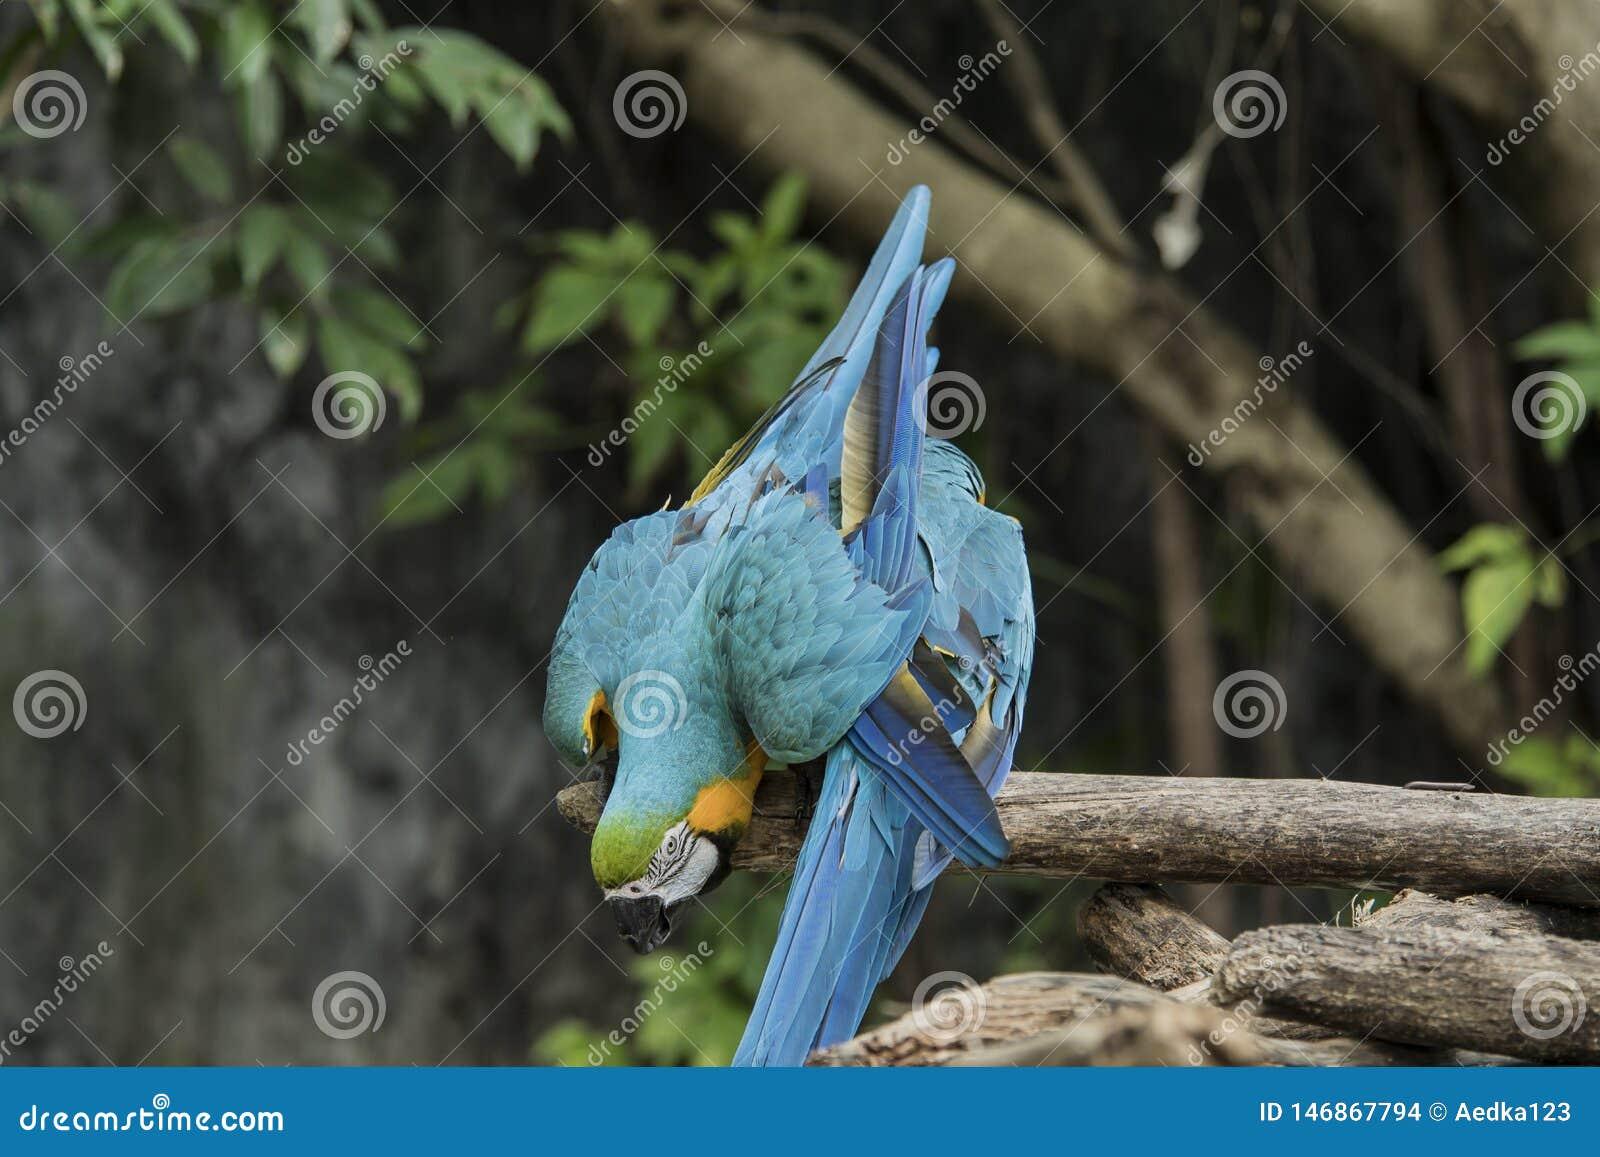 De vogels zijn beperkt in de dierentuin Vogels die vrijheid niet hebben in de wildernis te leven